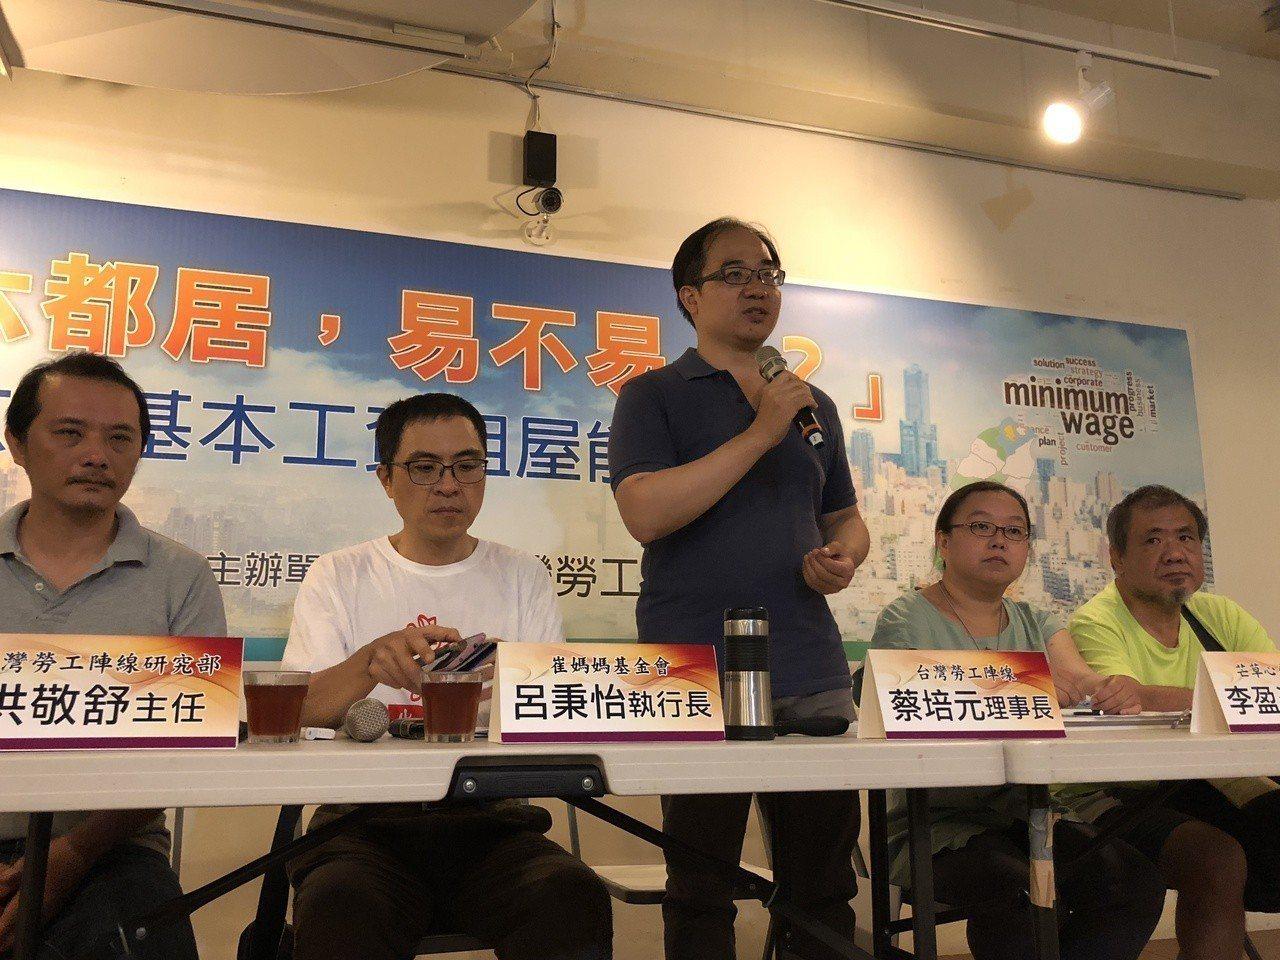 台灣勞工陣線針對六都「基本工資所得者」進行租屋能力調查,今日公布調查結果,理事長...